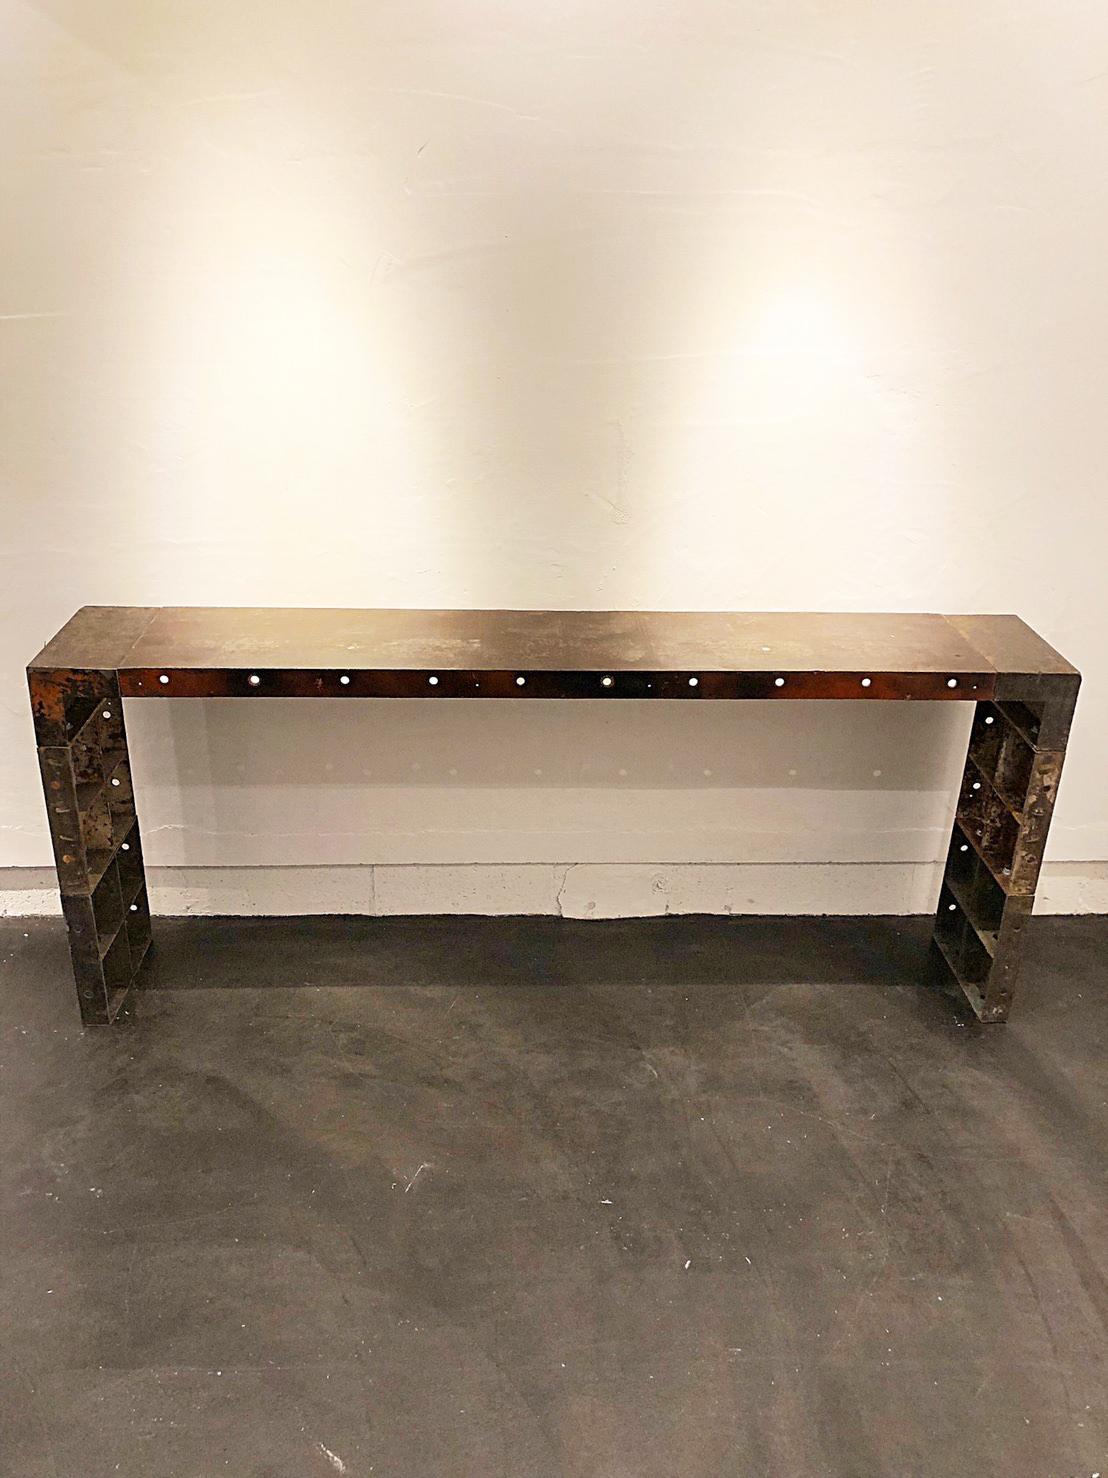 ディスプレイテーブル (大) × 2台 W1800 D300 H750